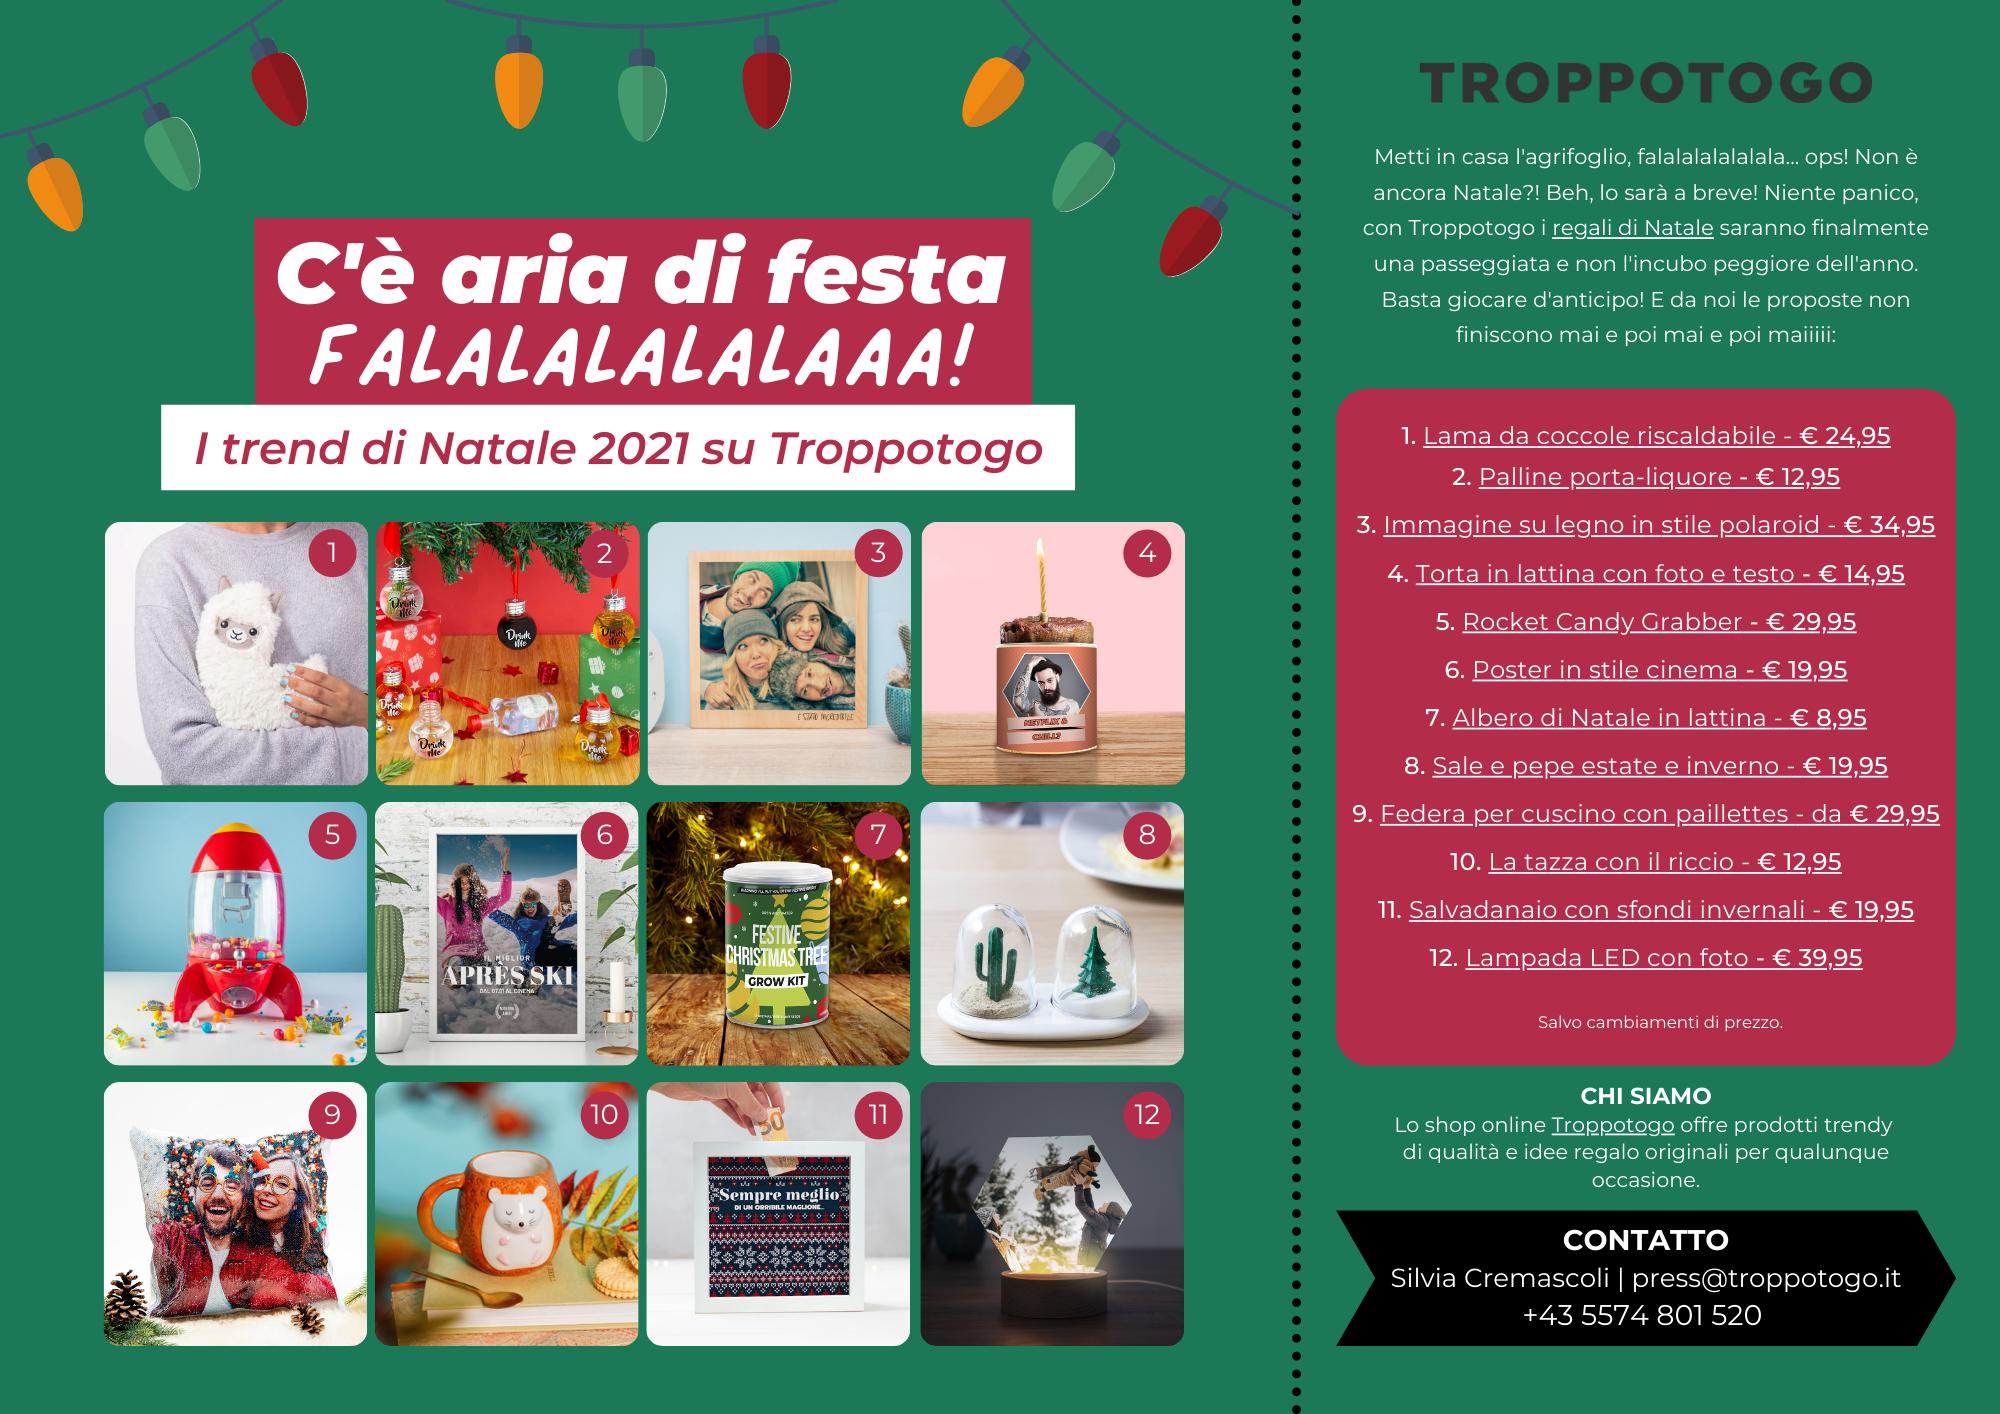 Comunicato Stampa Troppotogo - I trend di Natale 2021